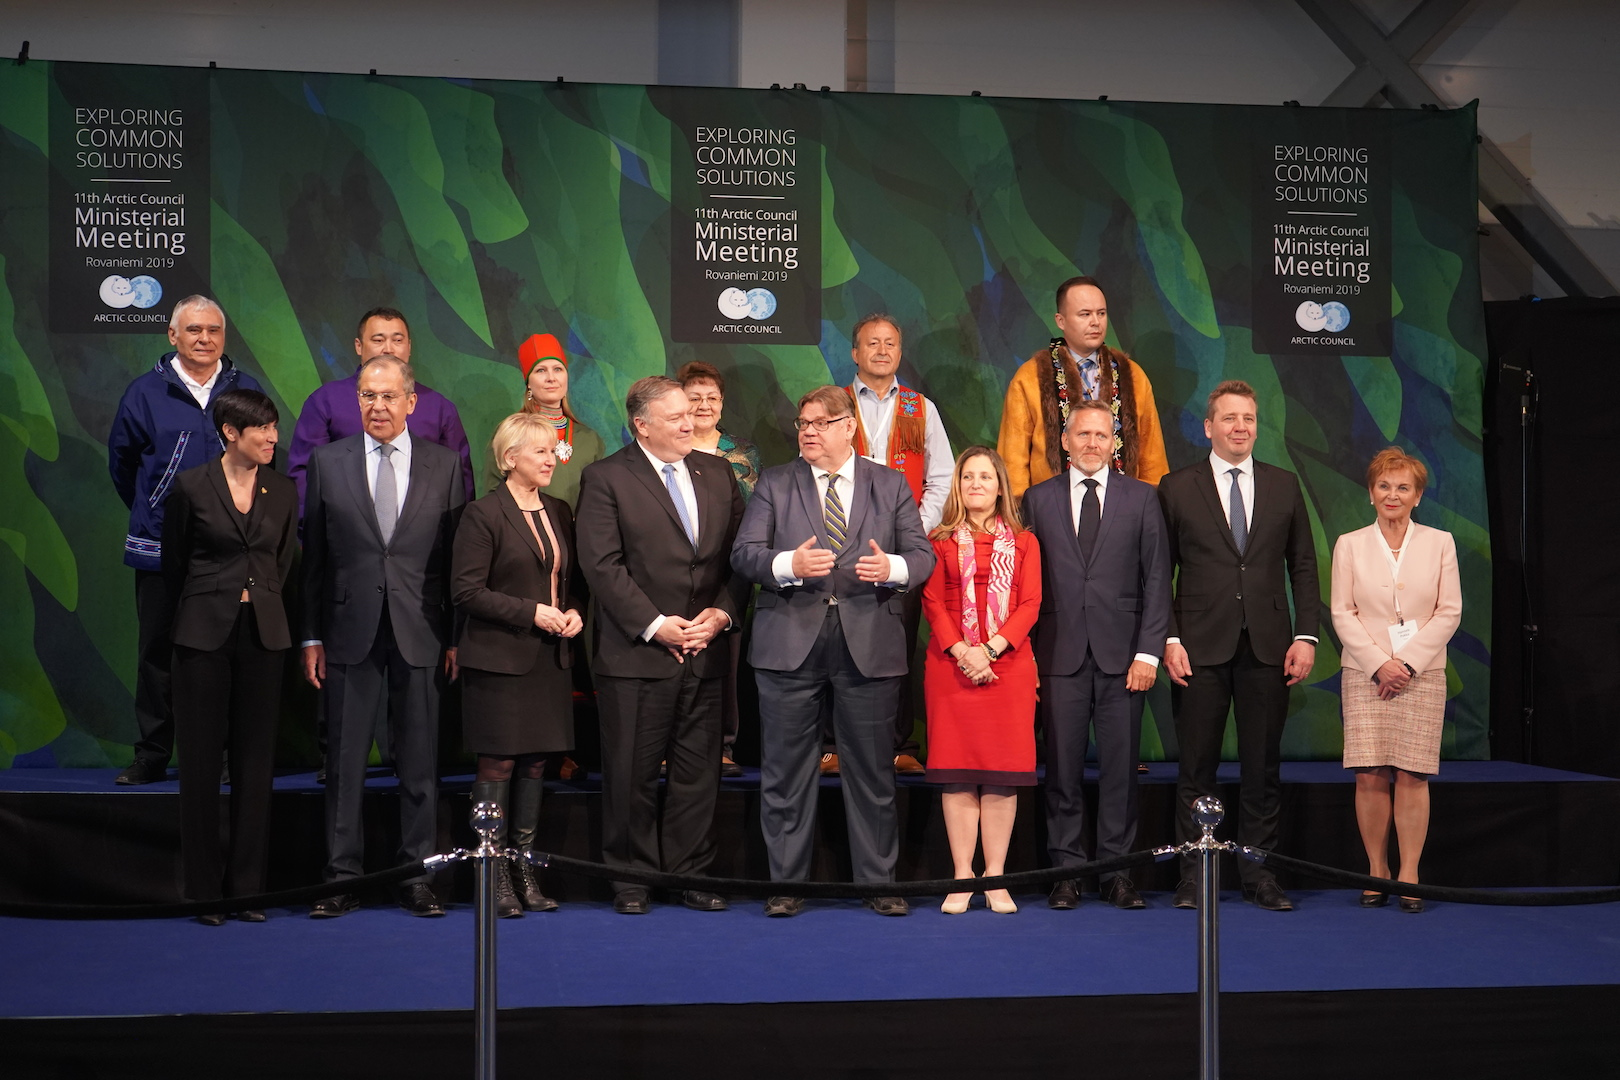 Mike Pompeo, le secrétaire d'État américain, au centre de la photo de famille prise quelques minutes avant le sommet ministériel du Conseil de l'Arctique, le 7 mai 2019 à Rovaniemi, en Laponie finlandaise. (Copyright : Marine Jeannin et Igor Gauquelin)